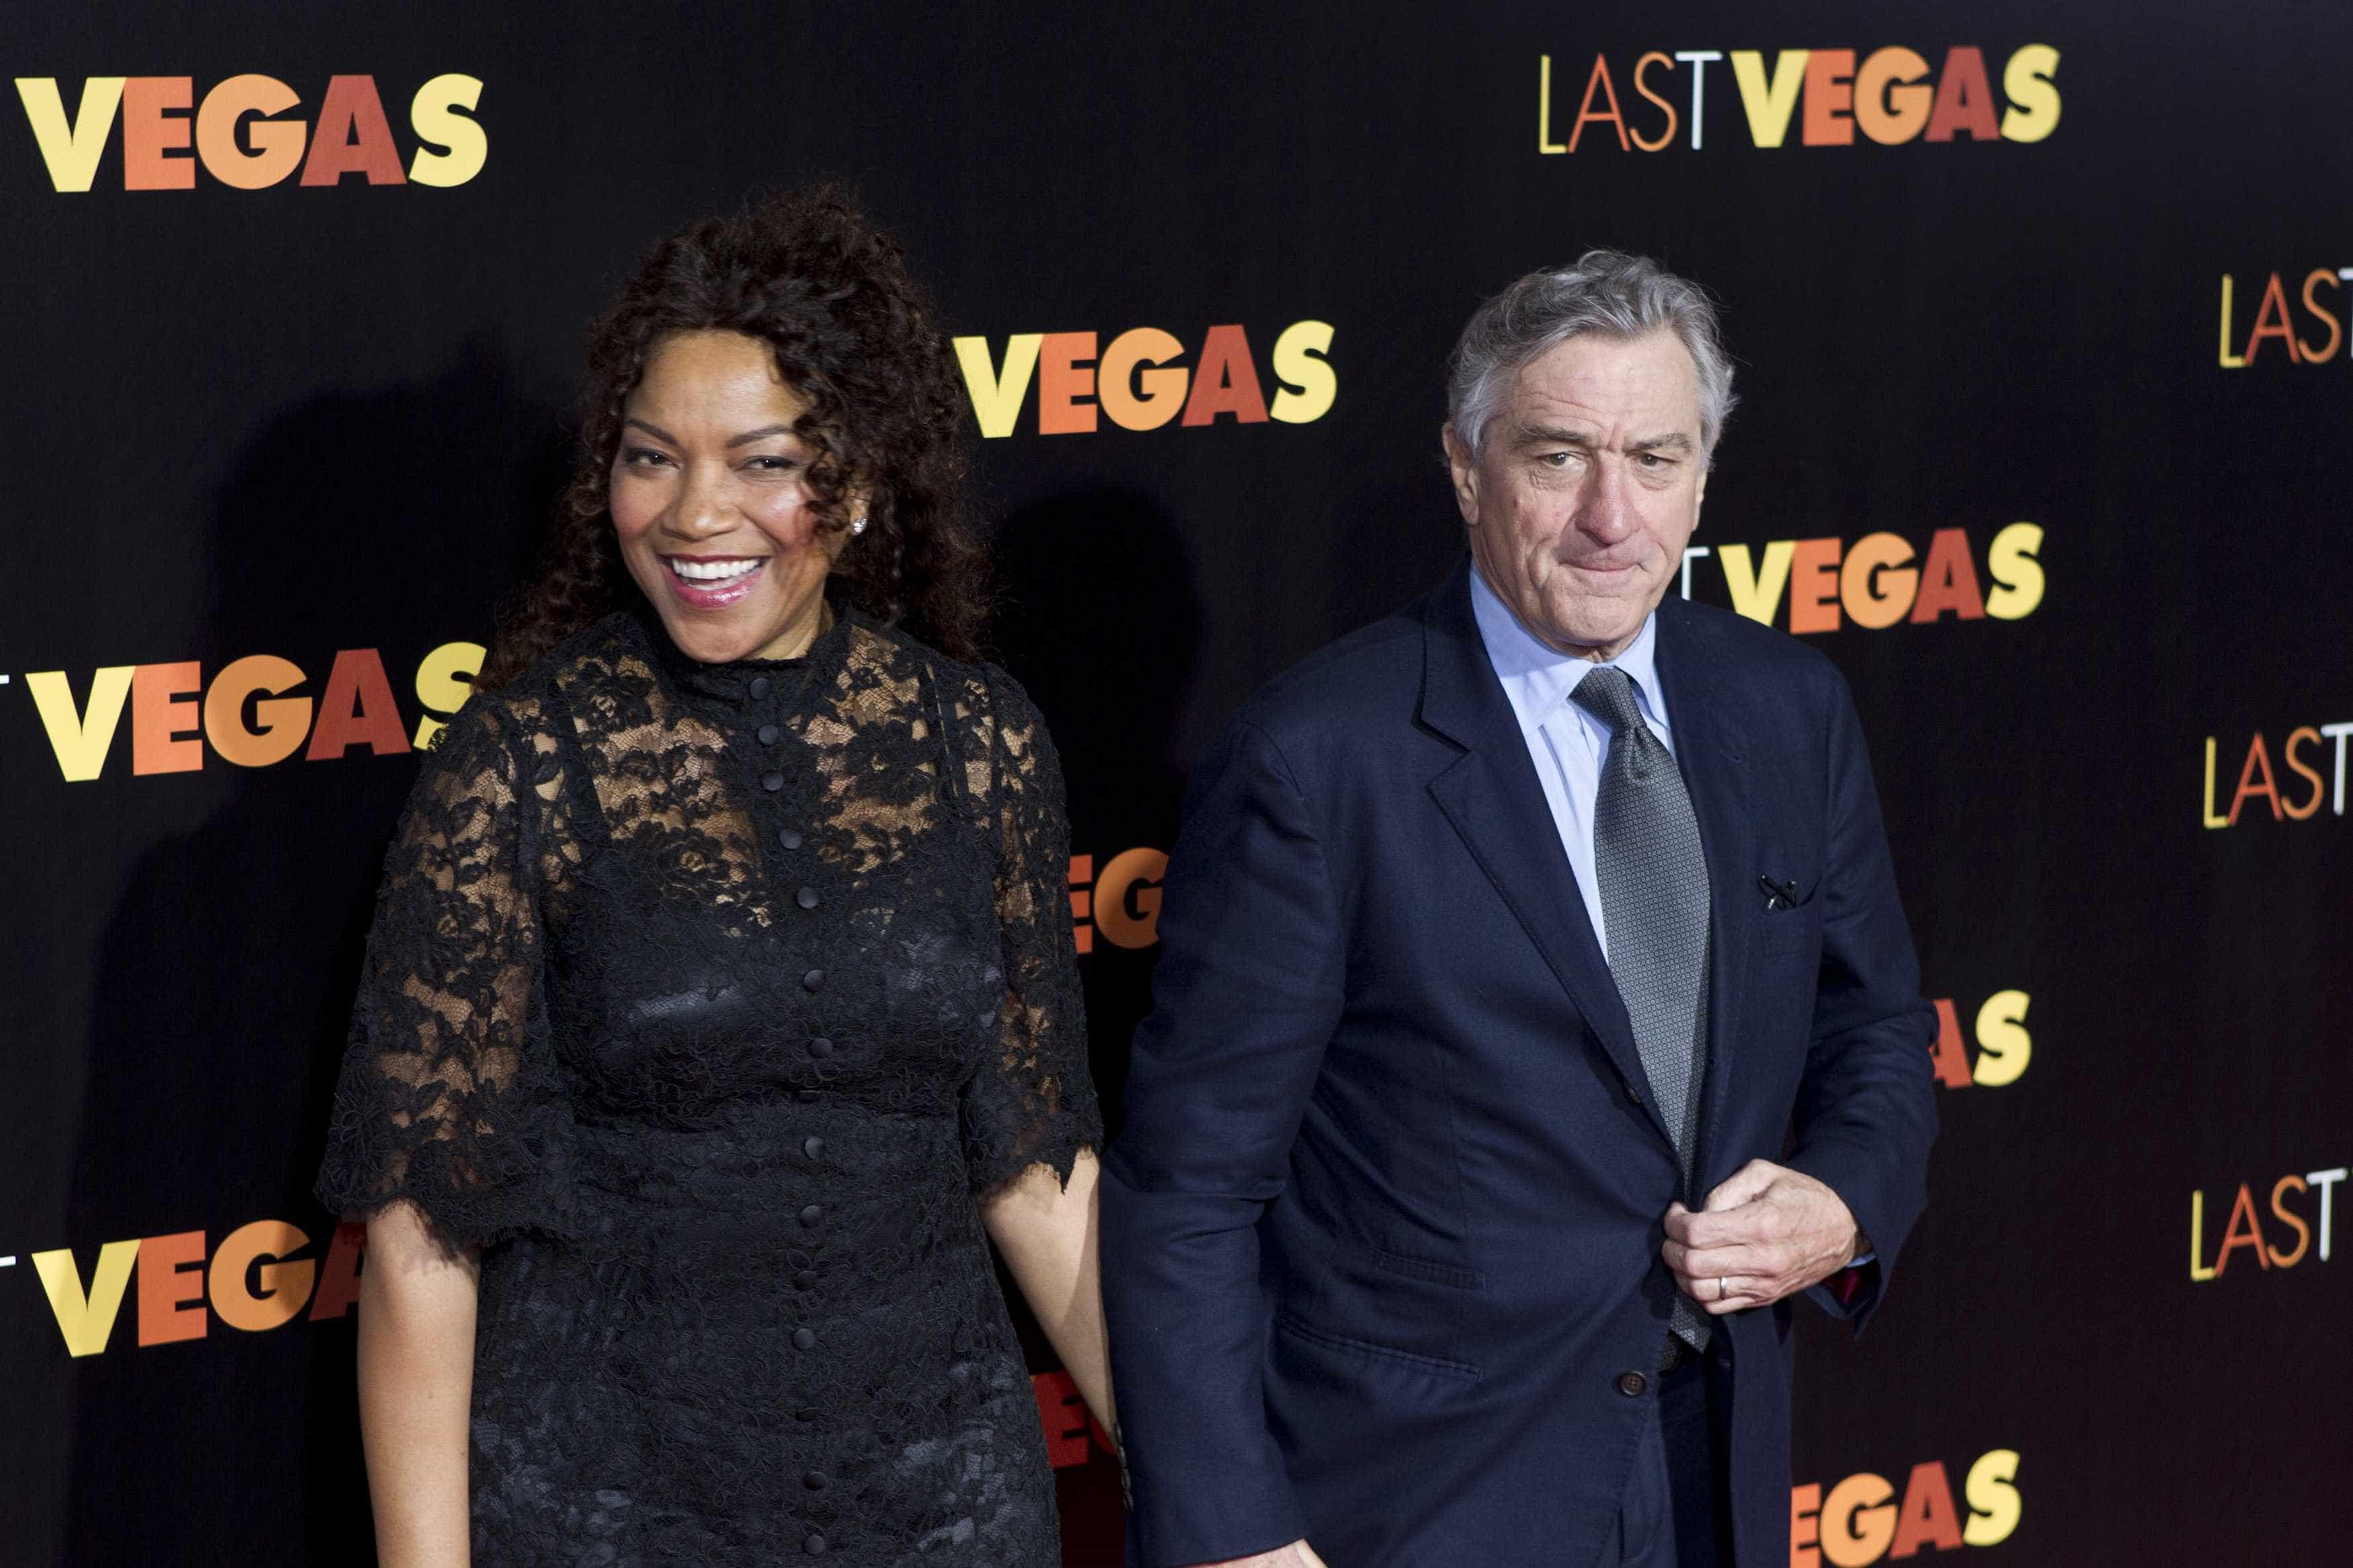 Dinheiro e doença do filho: Os motivos do divórcio de Robert De Niro